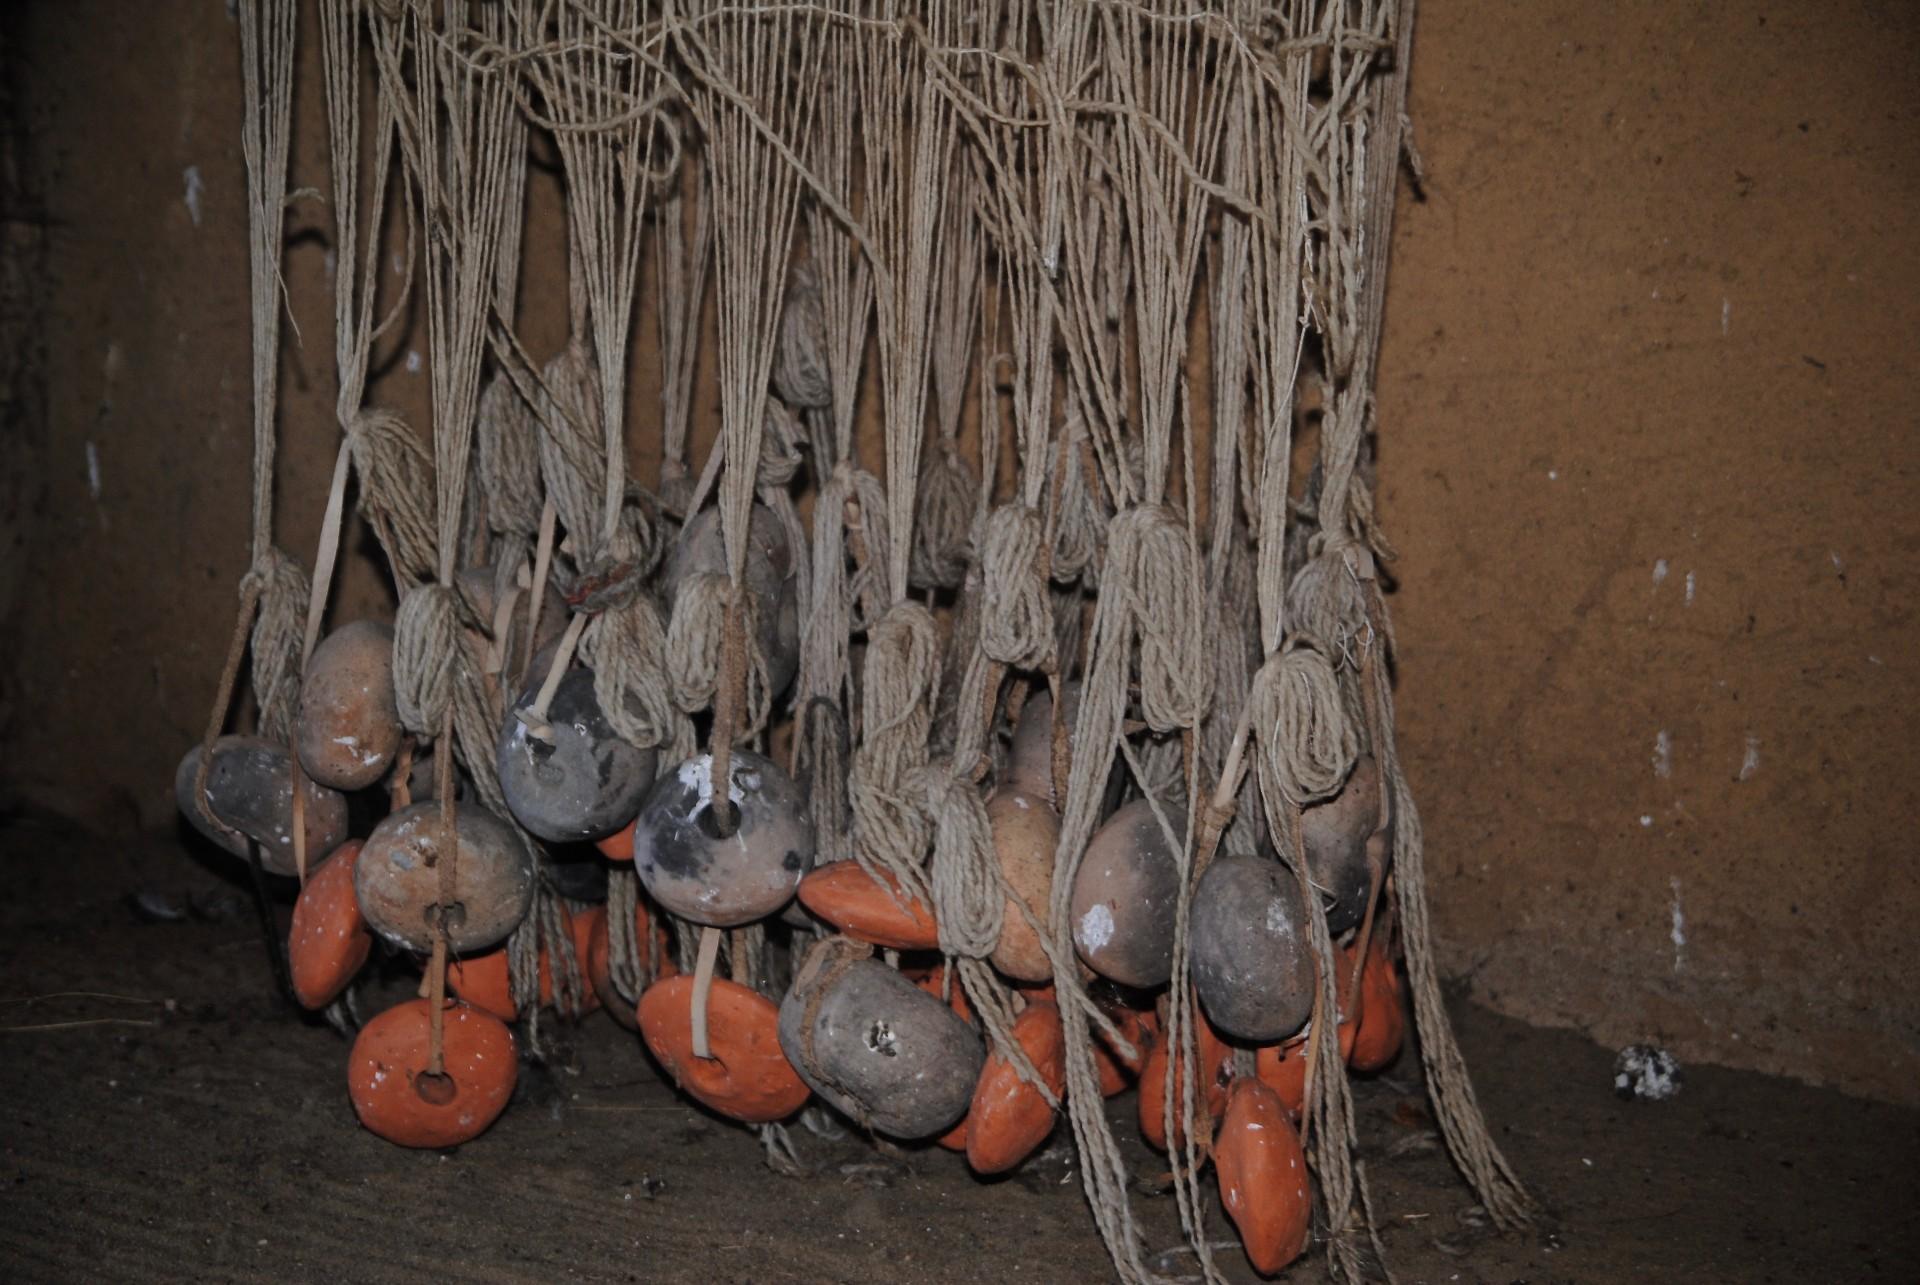 Webgewichte aus Ton, auf gespannt am Webstuhl, Haithabu